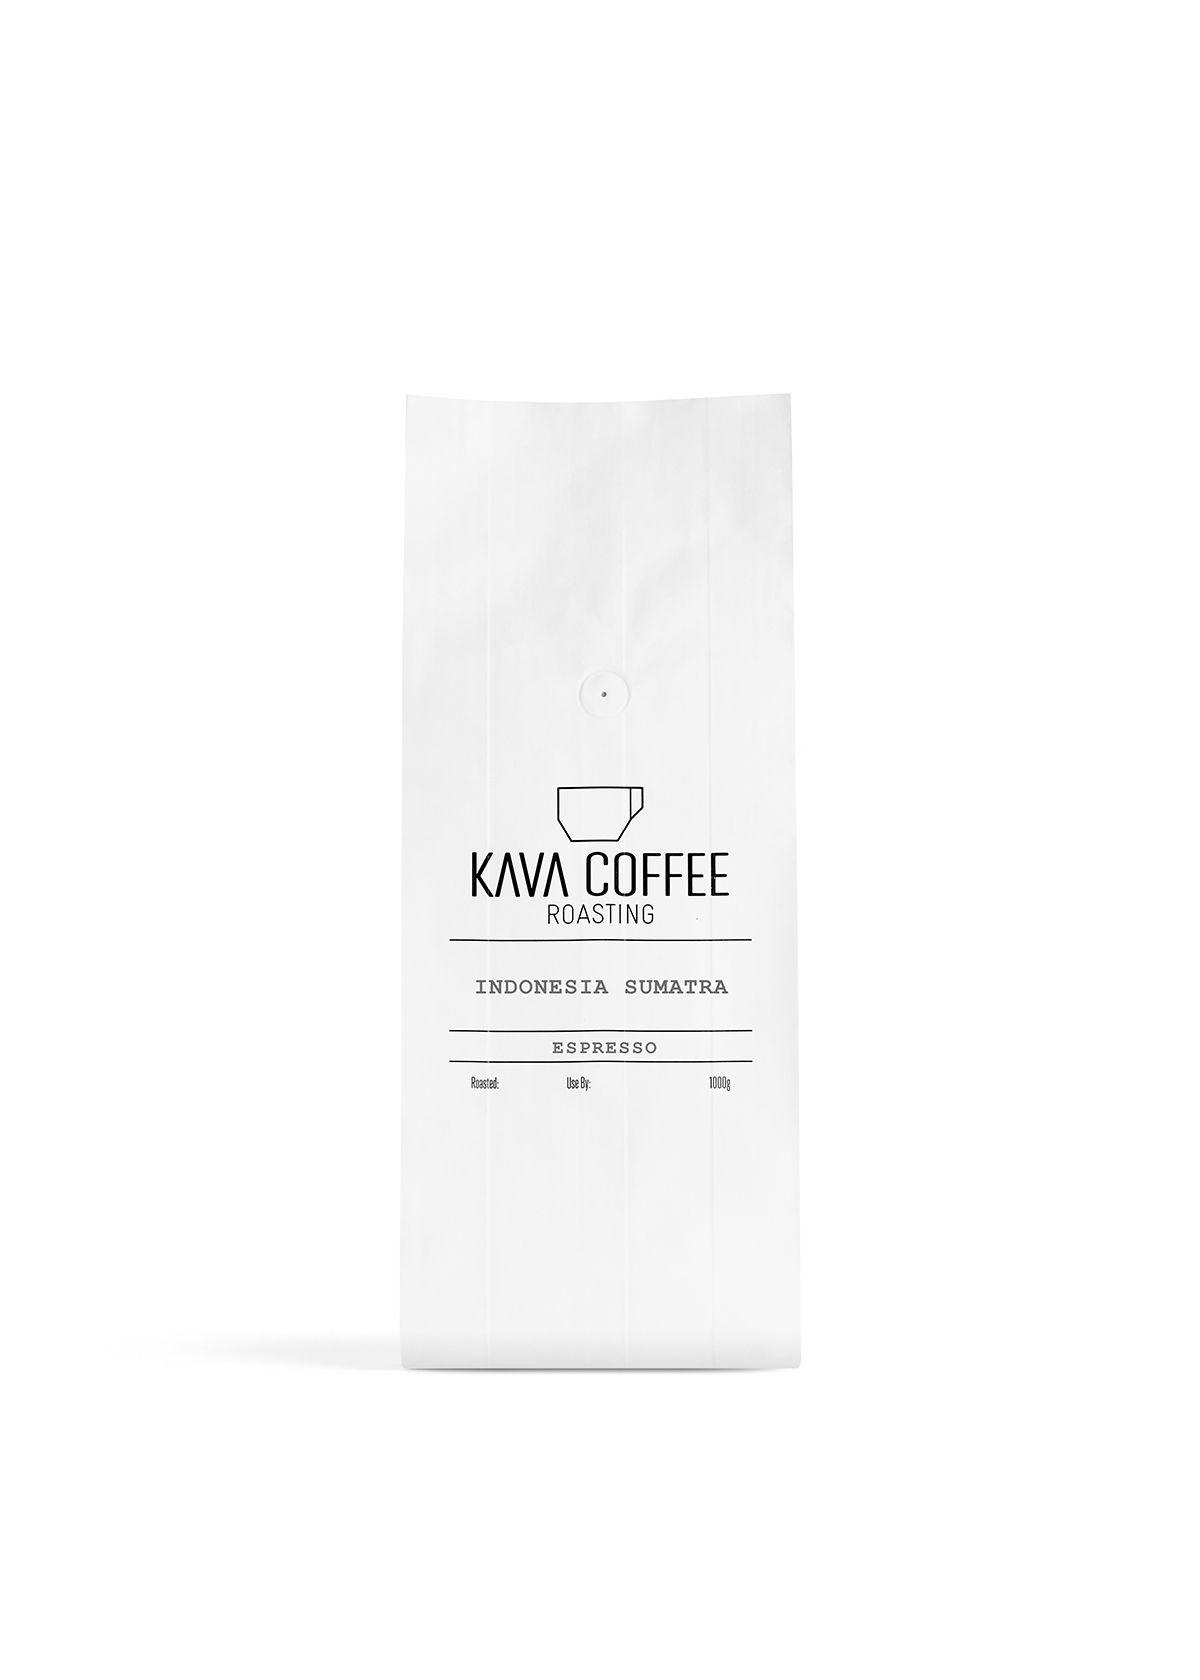 Indonesia Sumatra Espresso 1kg